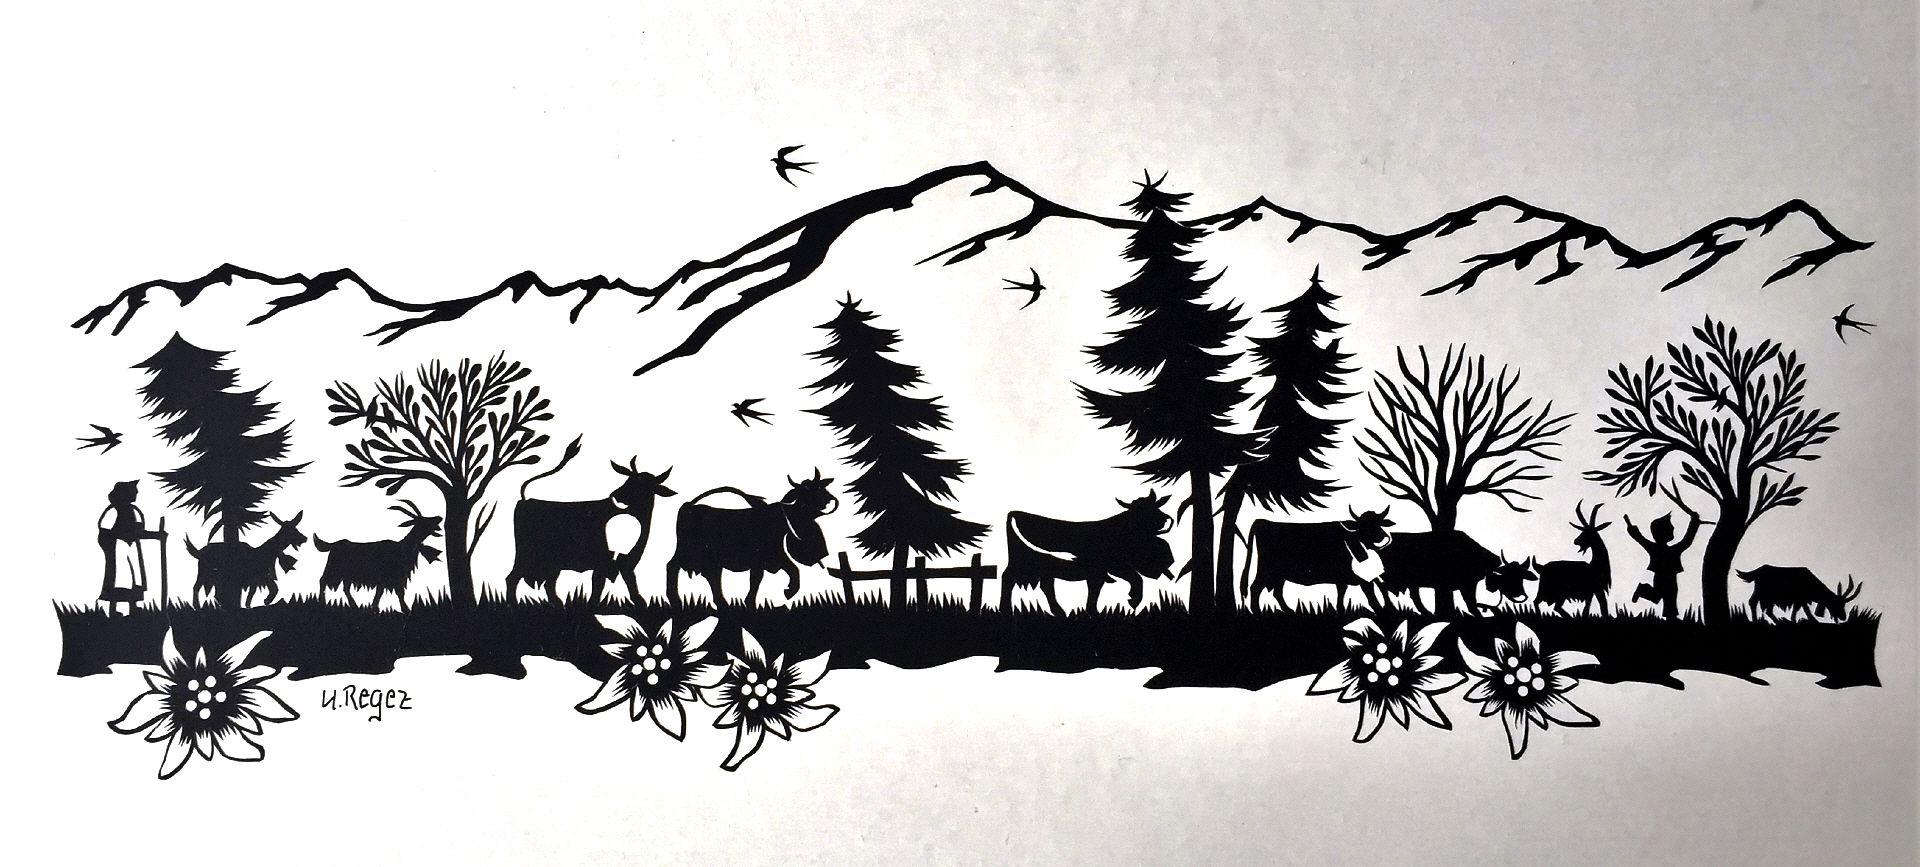 Bild vergr ssern papercut pinterest scherenschnitte for Vorlagen malerei